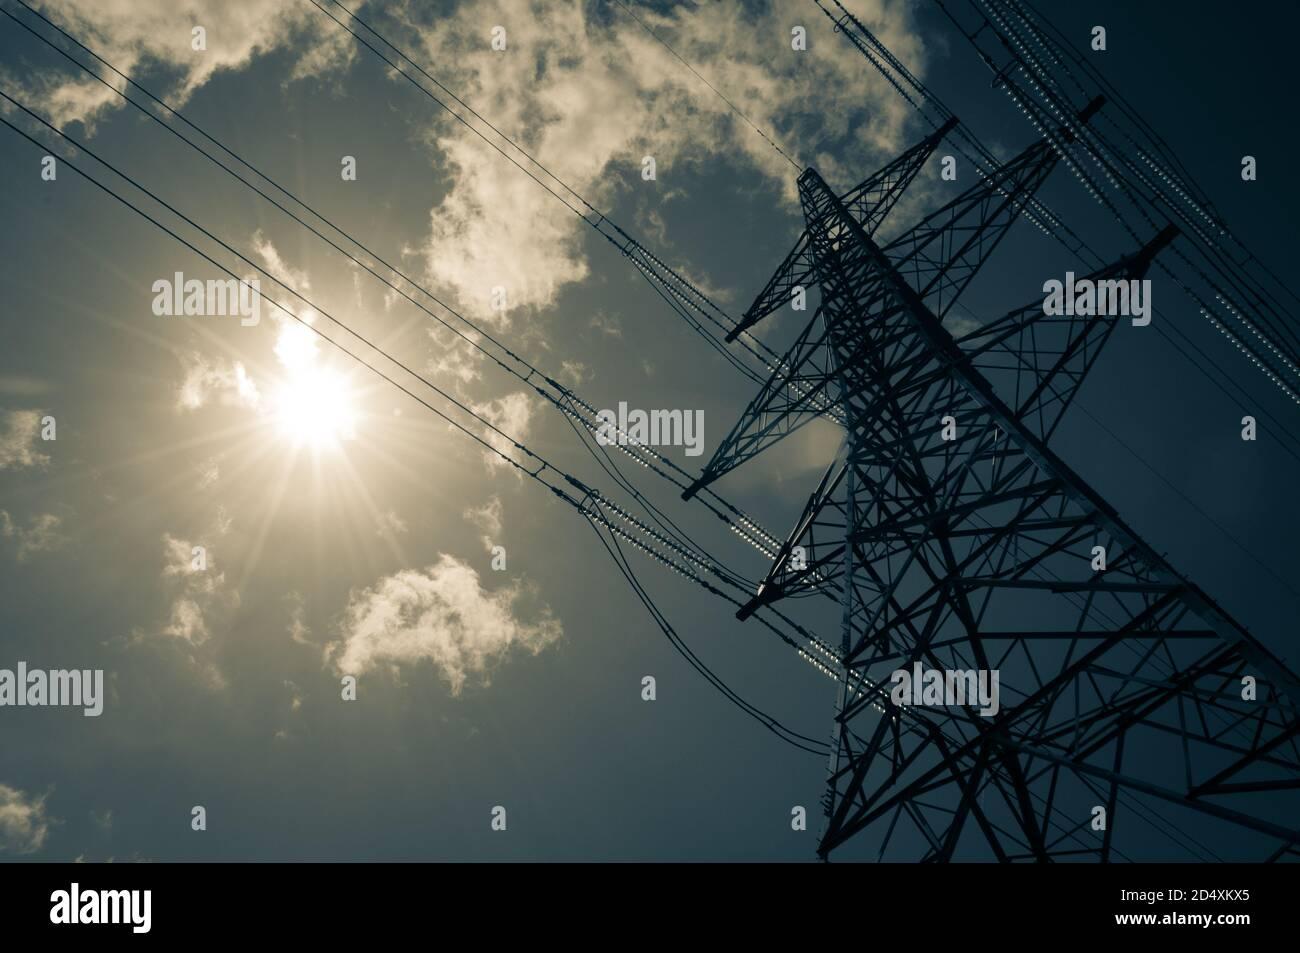 Un pylône d'électricité est haut dans le soleil chaud d'été avec quelques nuages plus sages. Concept d'énergie solaire. Banque D'Images